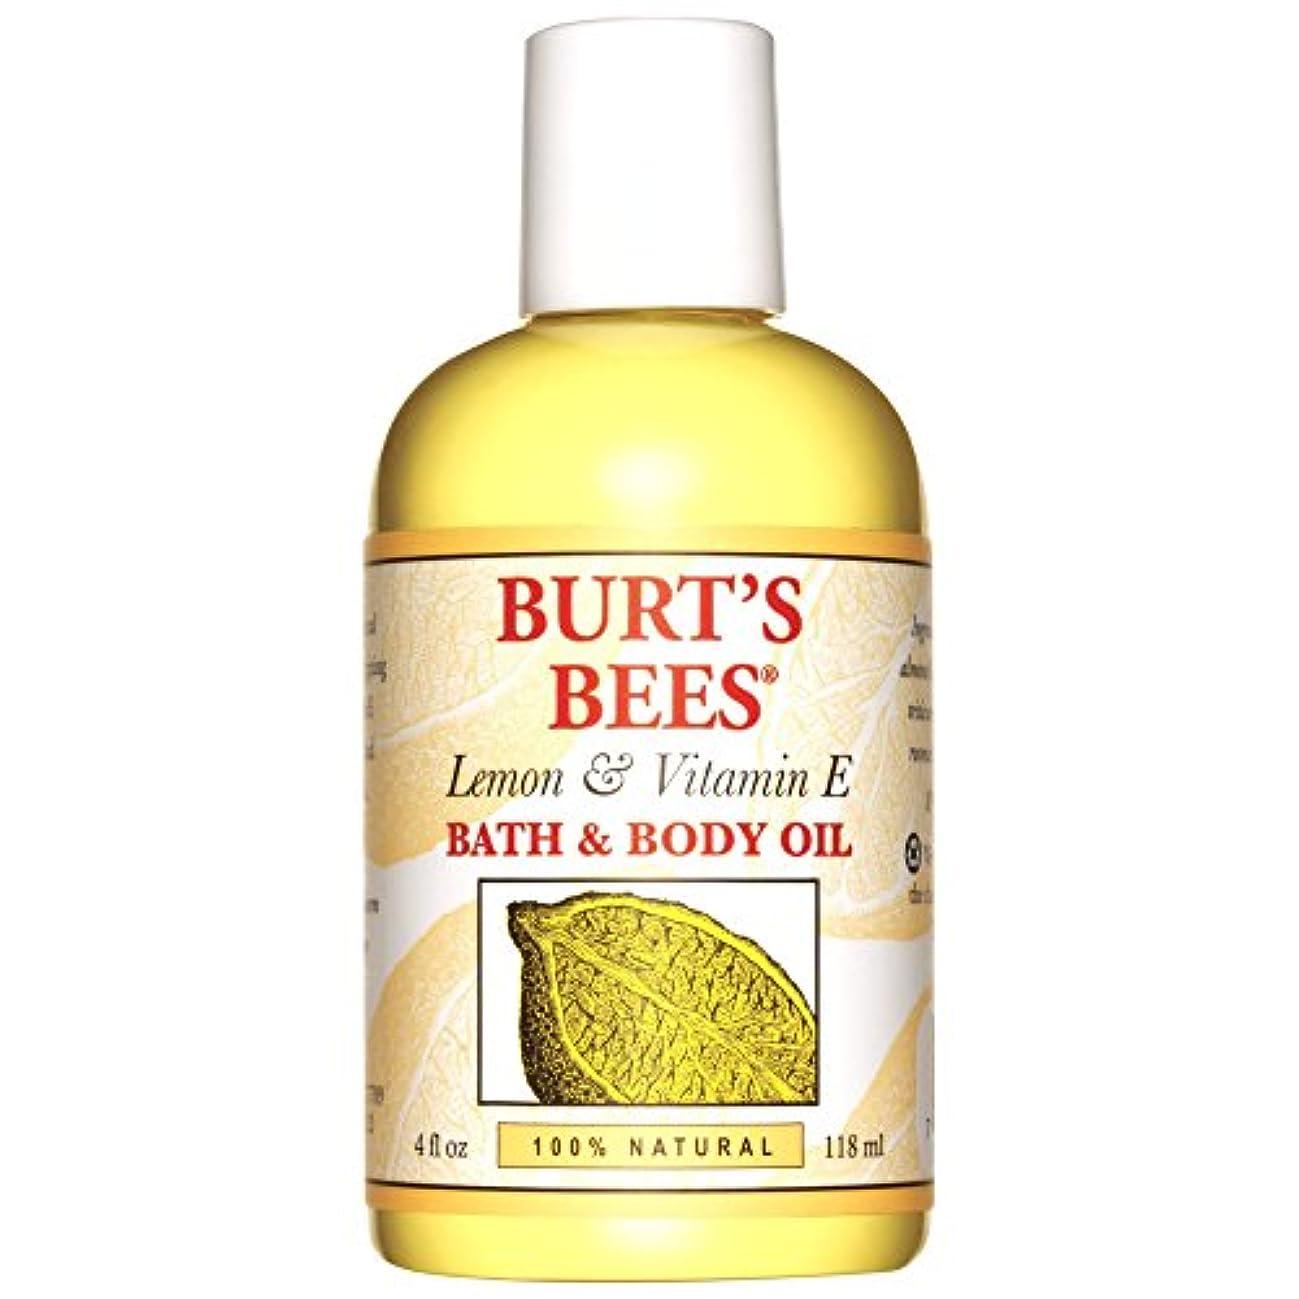 魅了する危険なパステルバーツビーレモンとビタミンEバス、ボディオイル118ミリリットル (Burt's Bees) - Burt's Bees Lemon and Vitamin E Bath and Body Oil 118ml [並行輸入品]